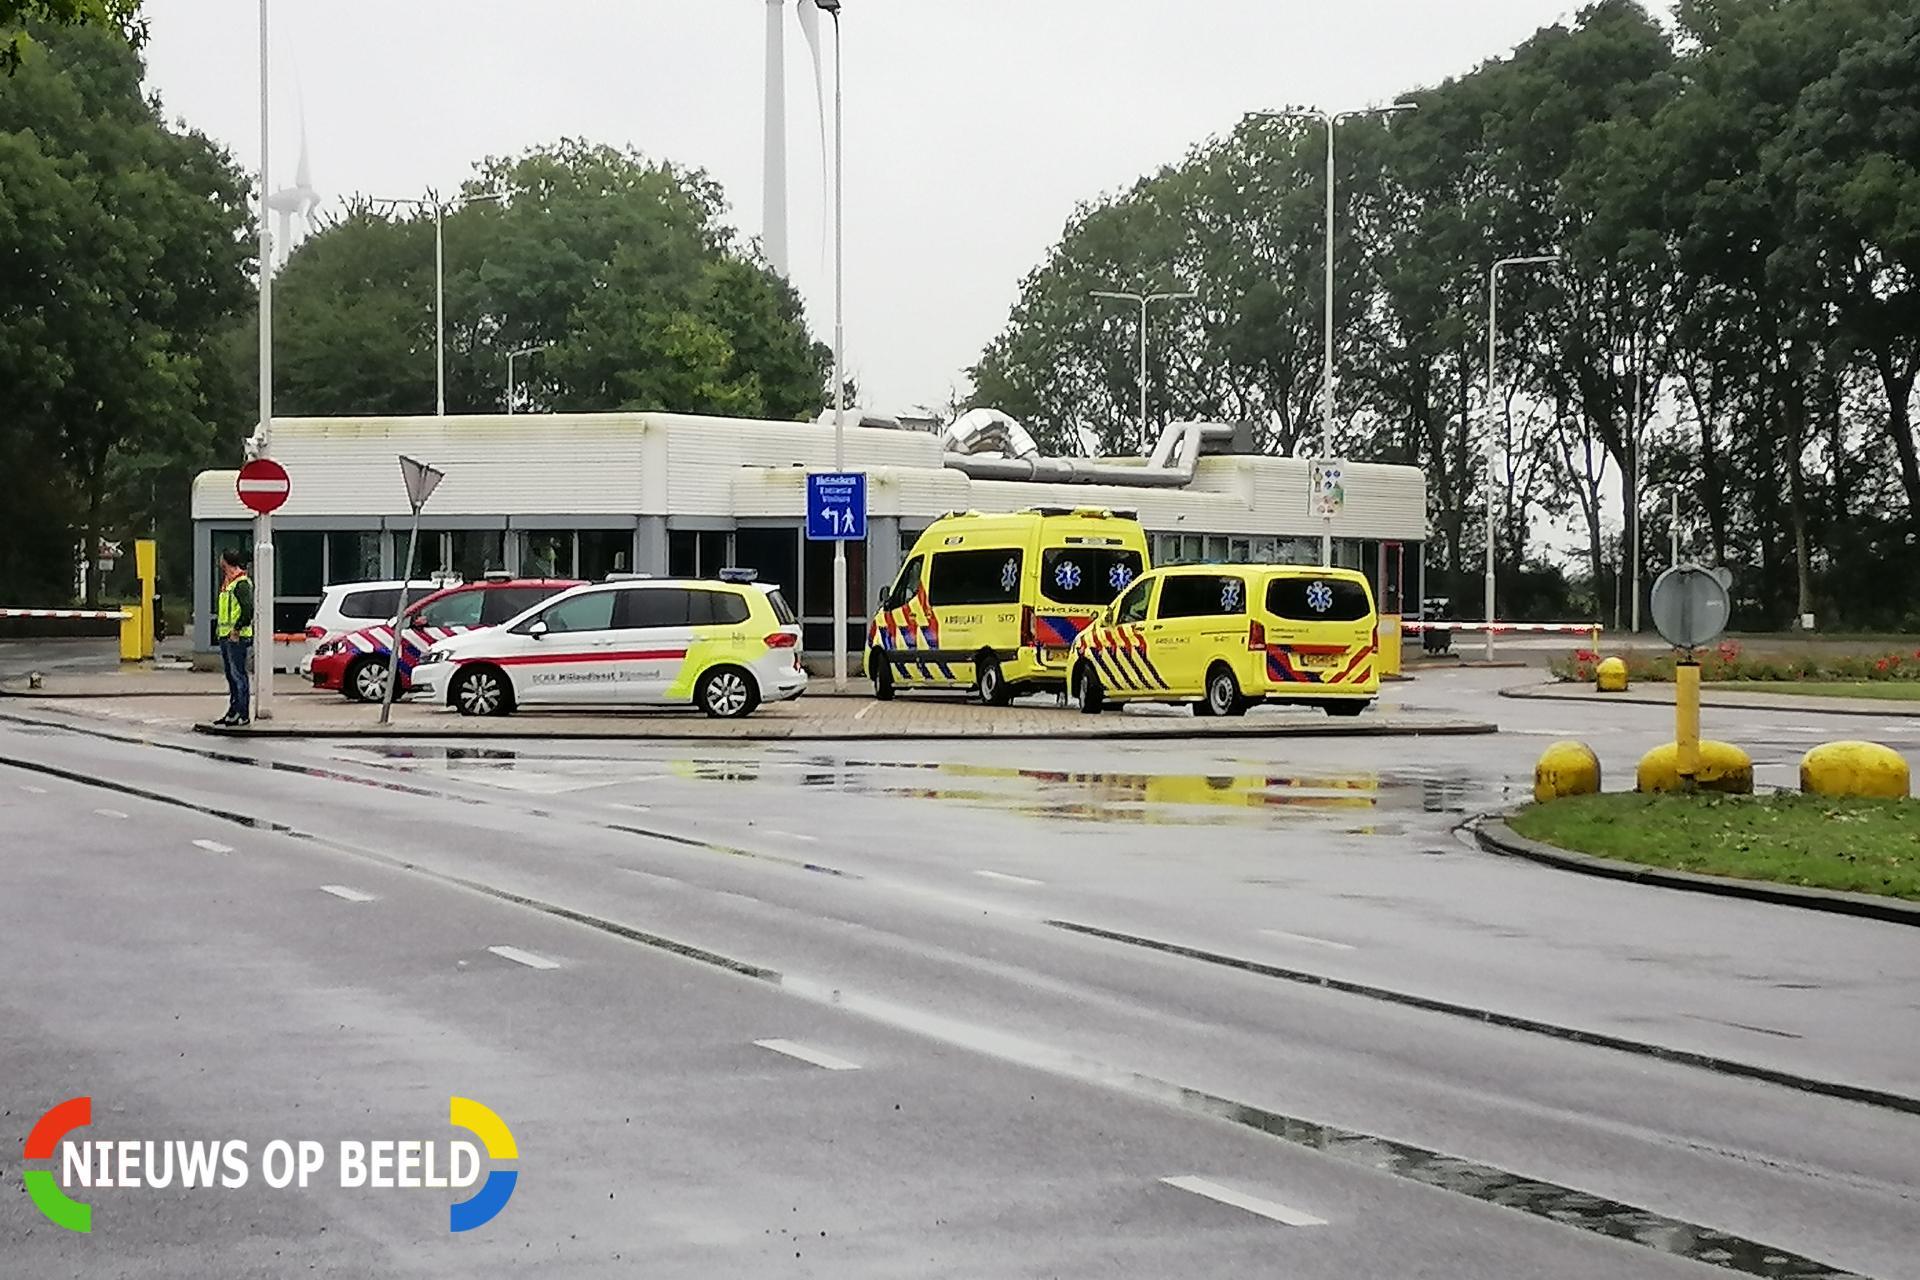 'Ongewenste' chemische reactie bij Heineken aan Doctor H.P. Heinekenweg Zoeterwoude